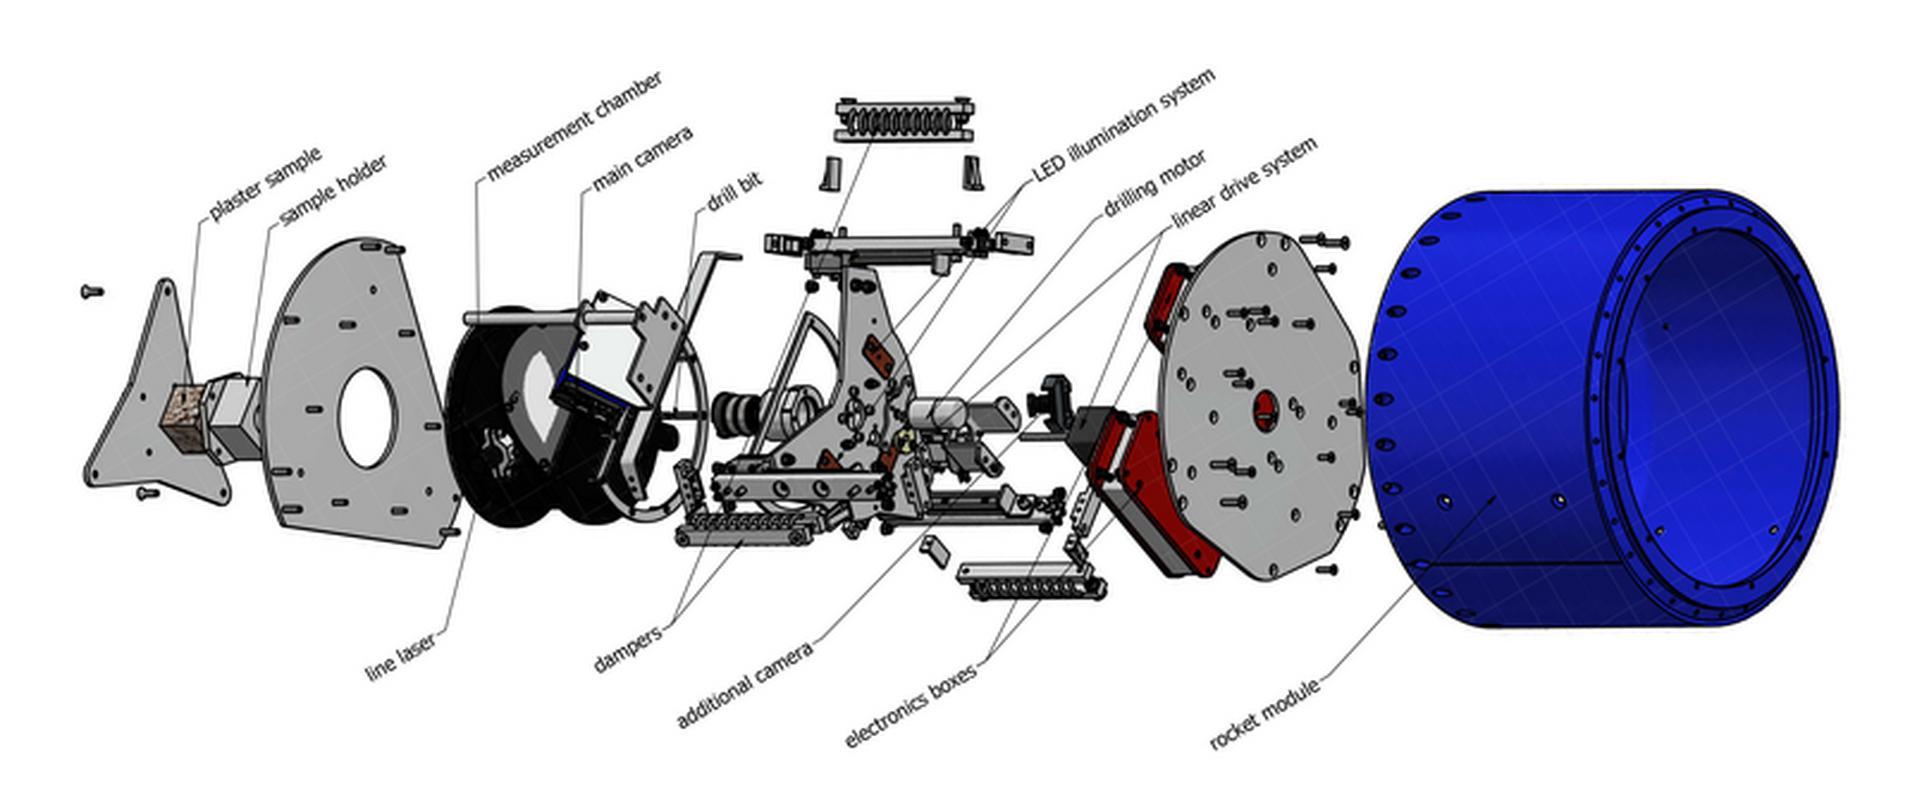 Budowa kosmicznej wiertarki firmy Scanway